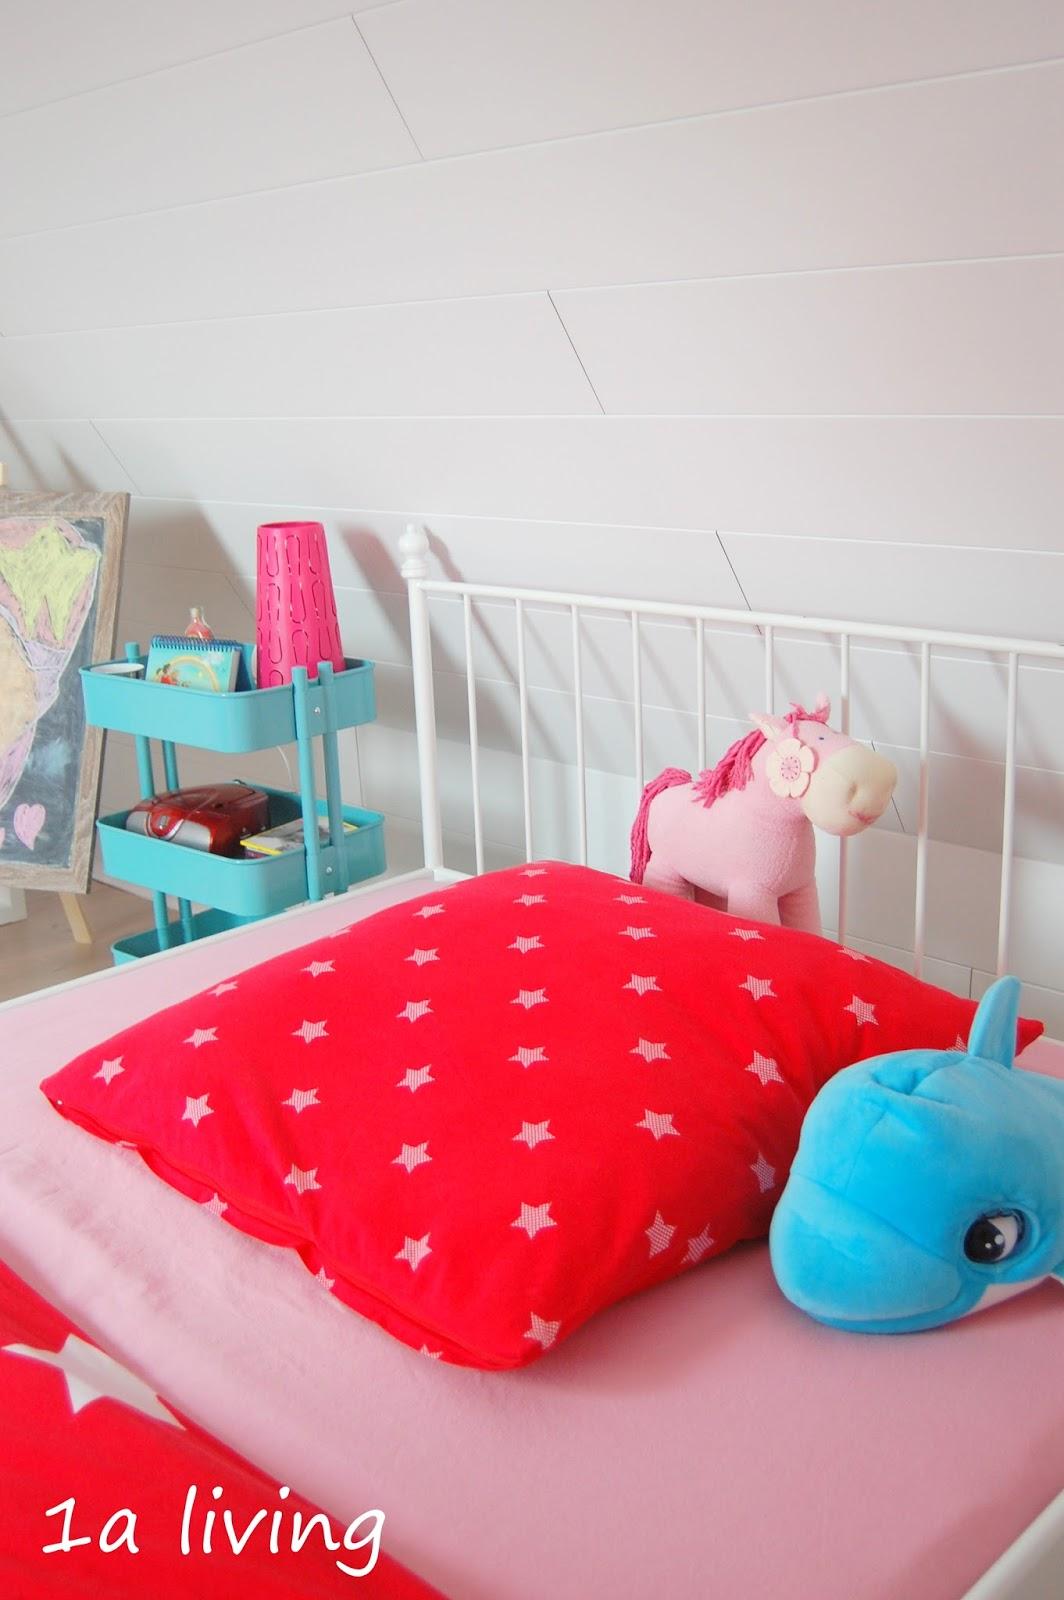 1a living: step by step zum kinderstockwerk {8} das mädchenzimmer